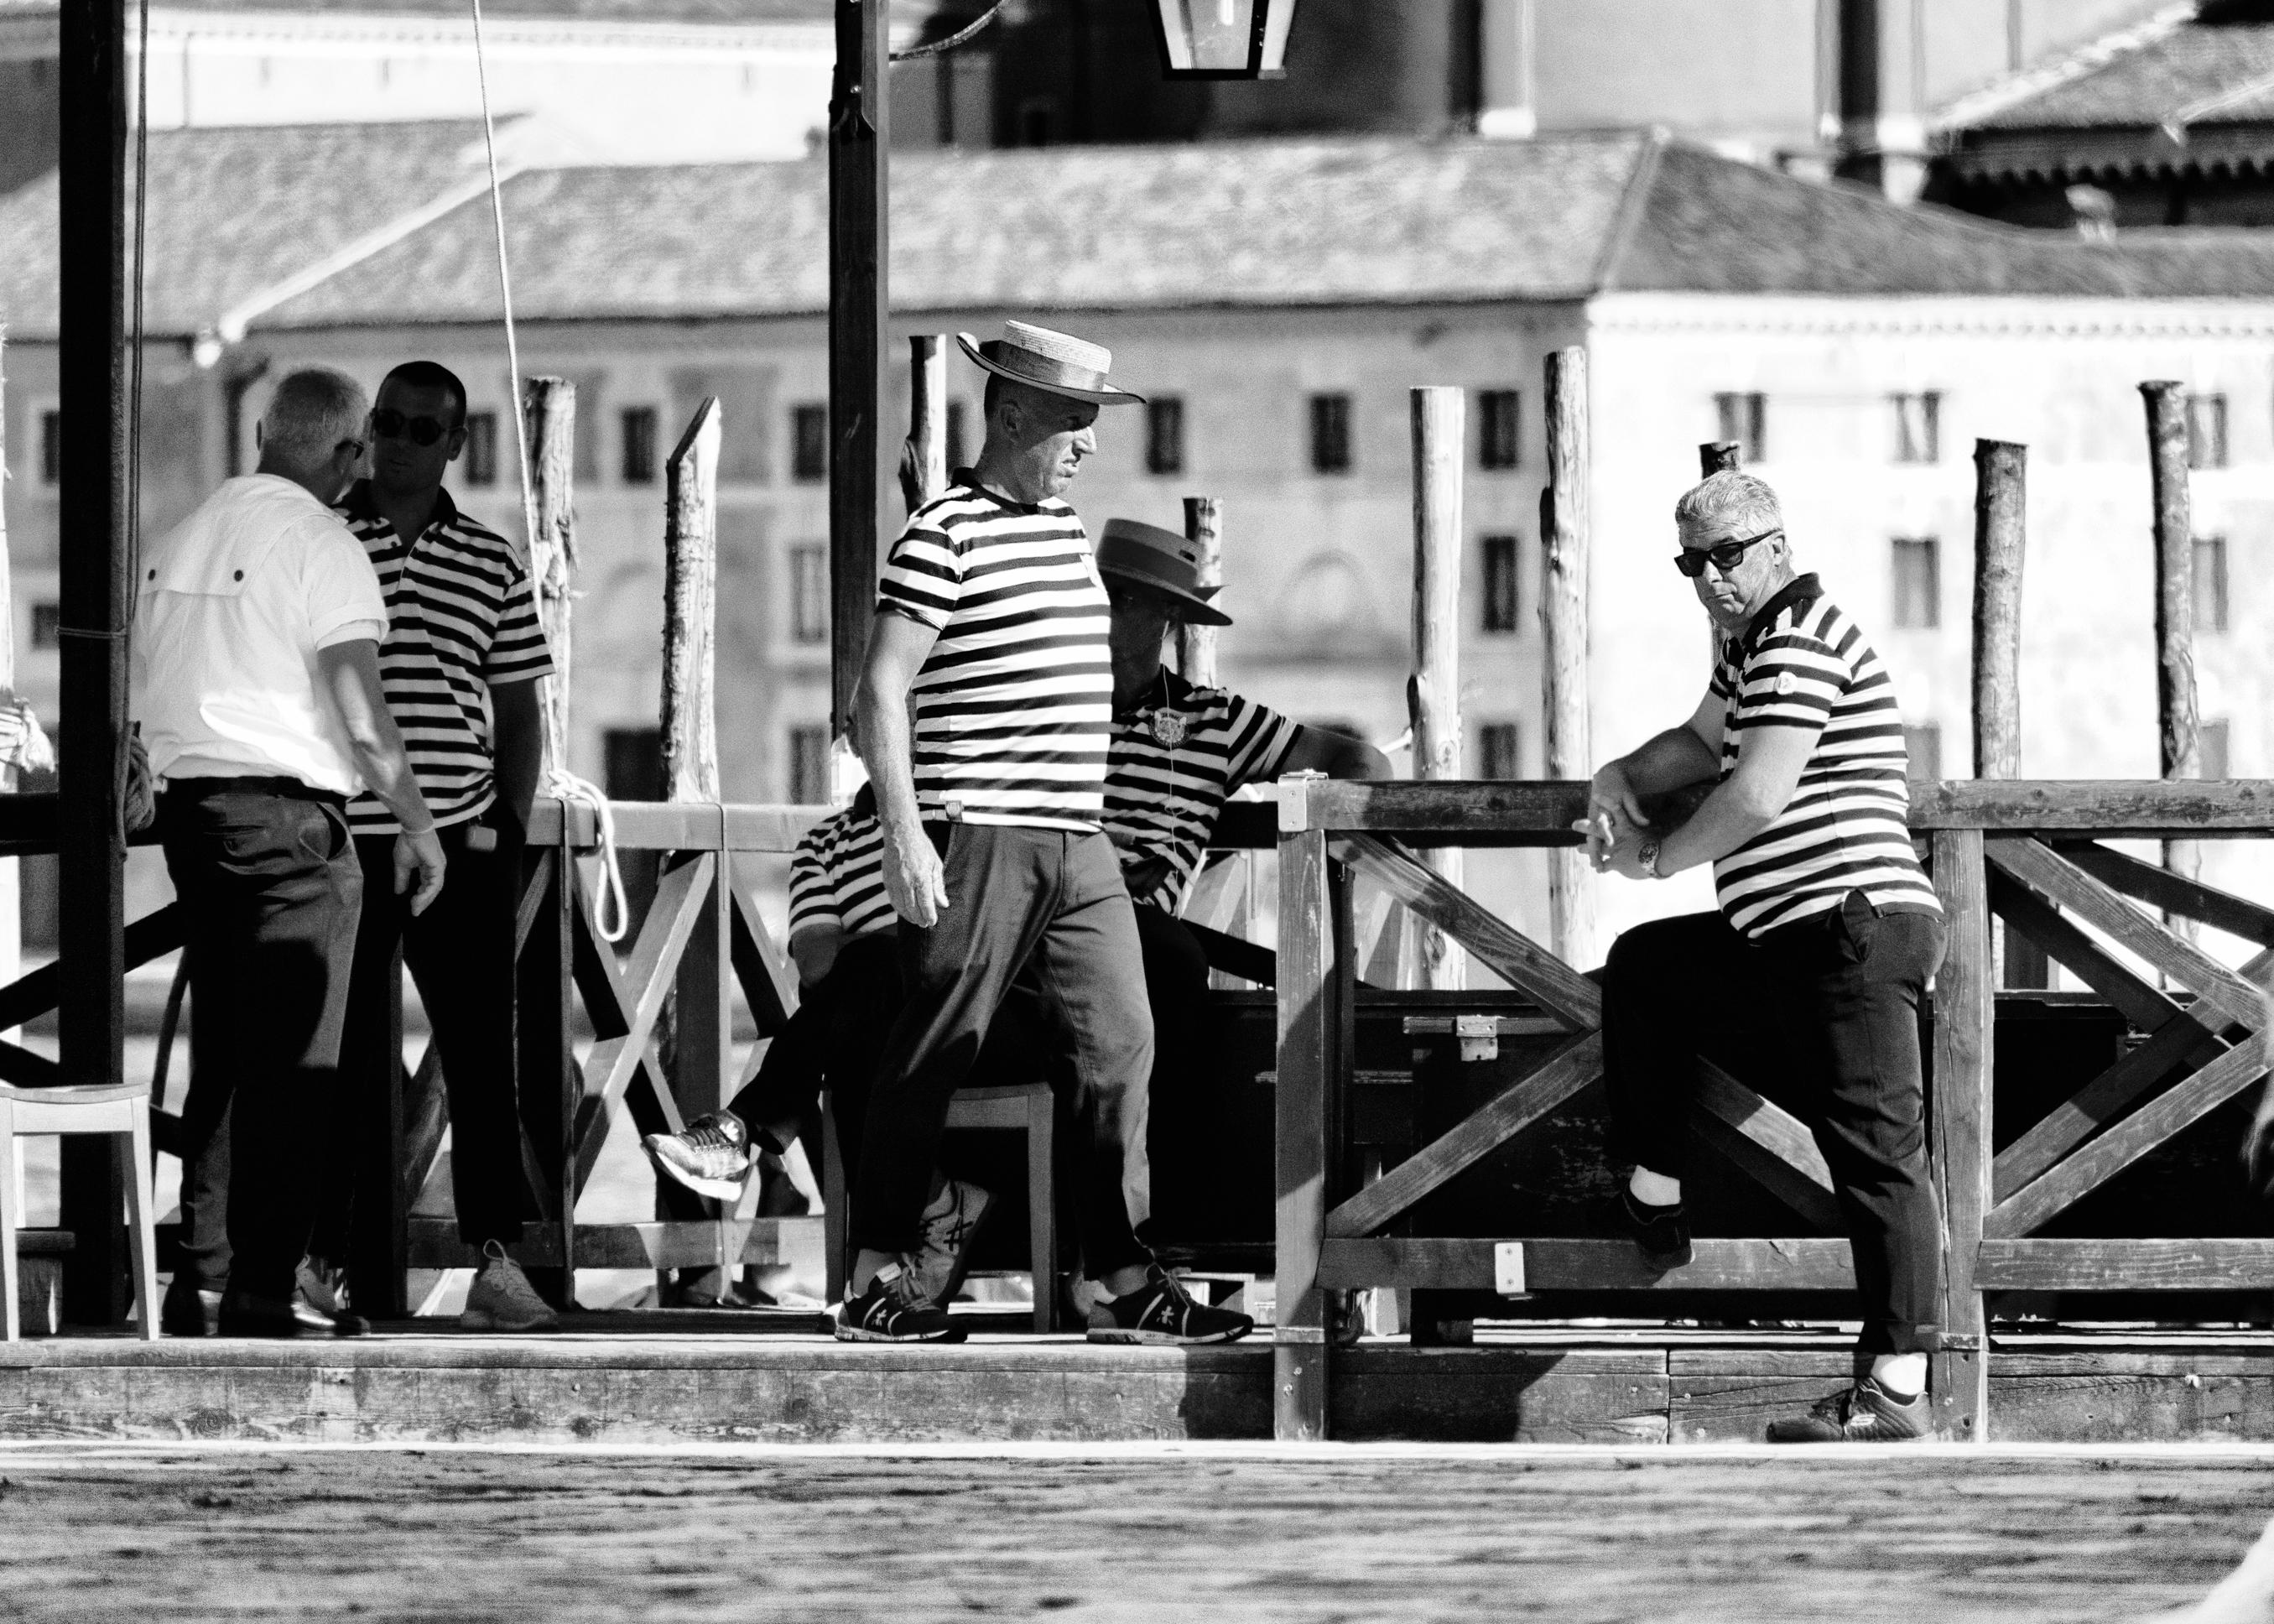 Venice street photography Gondoliers at work Aleksandra Rowicka